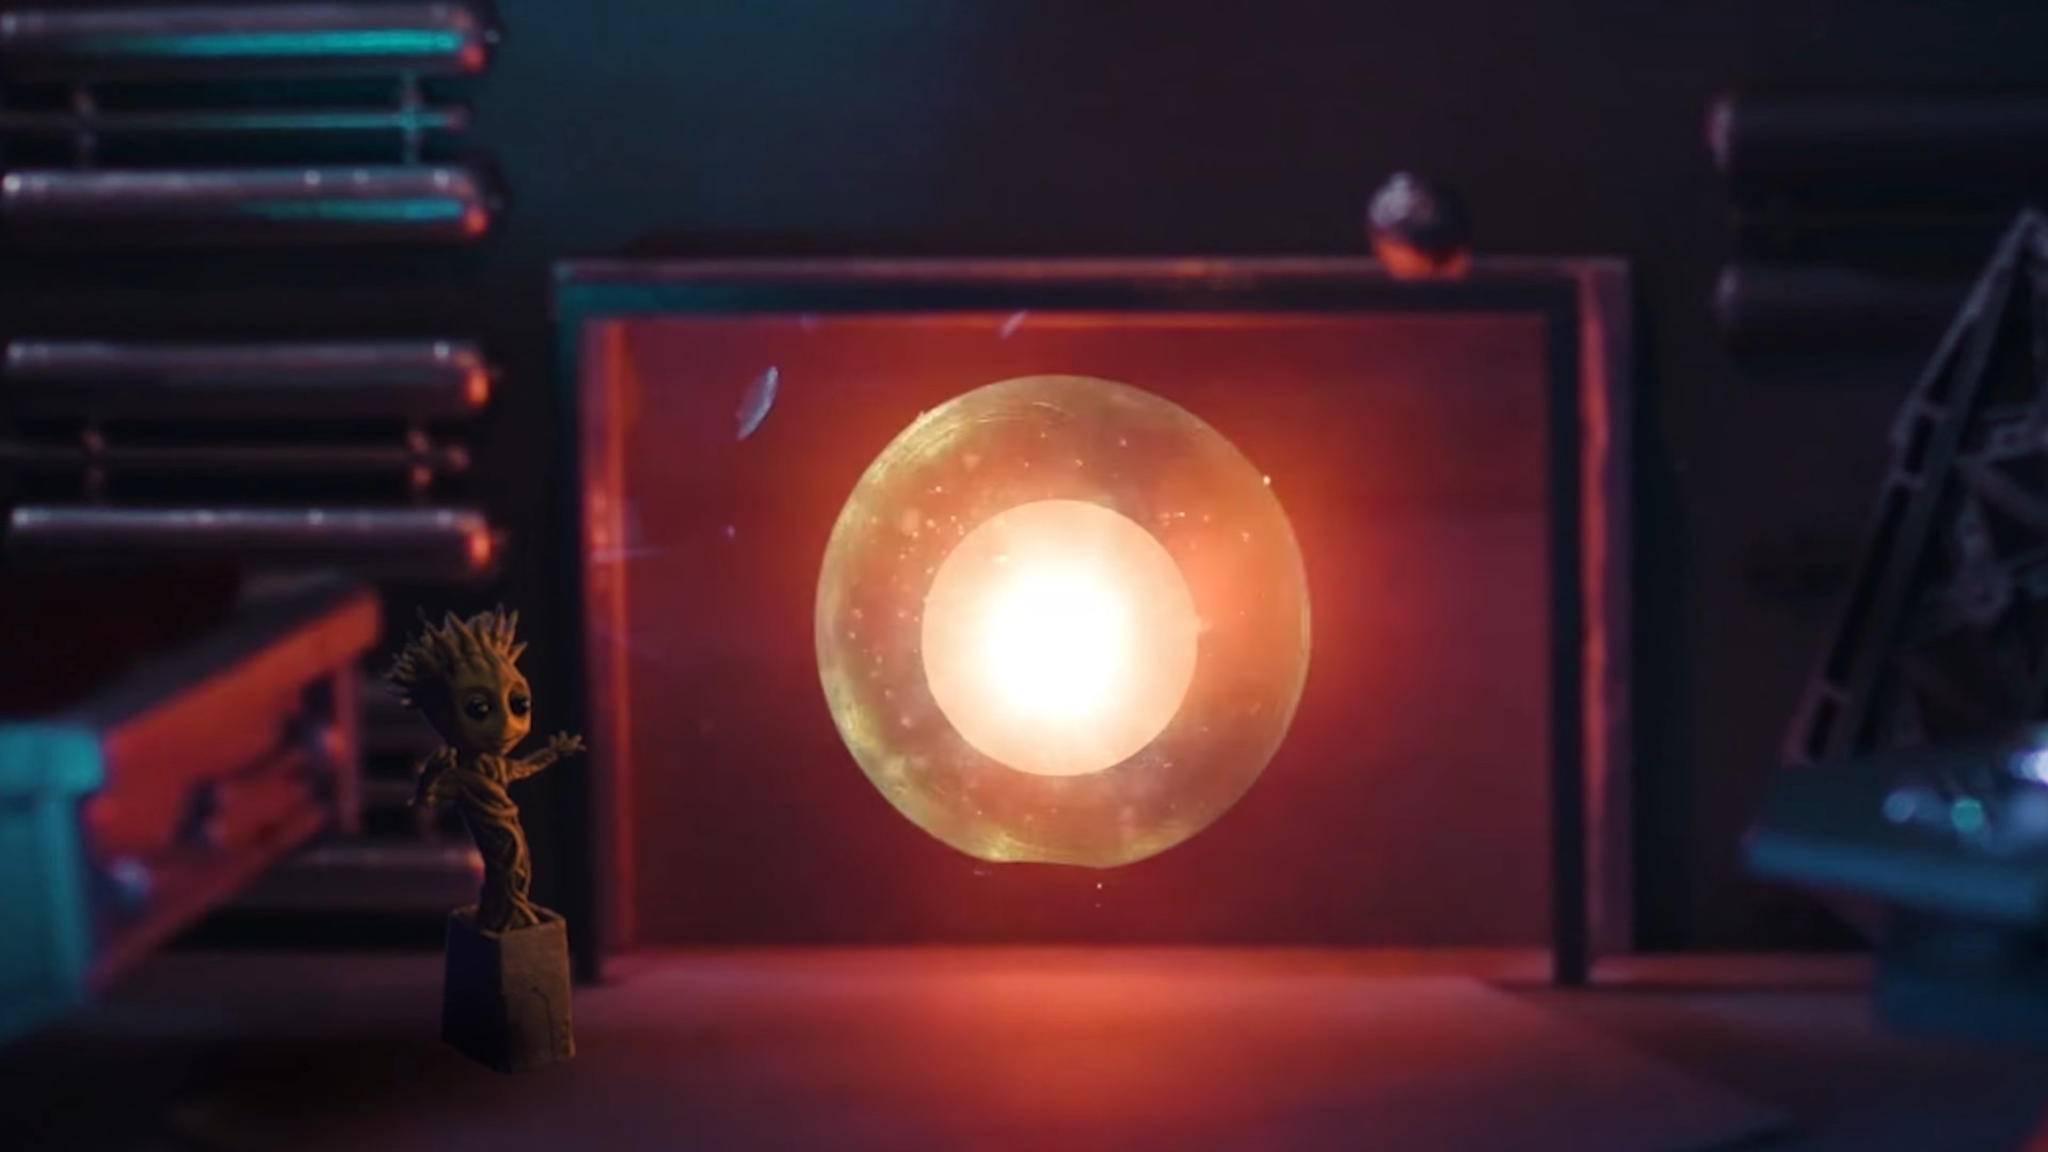 """Futuristisch und heimelig: Bei den """"Guardians of the Galaxy"""" flackert das Kaminfeuer ein wenig anders."""